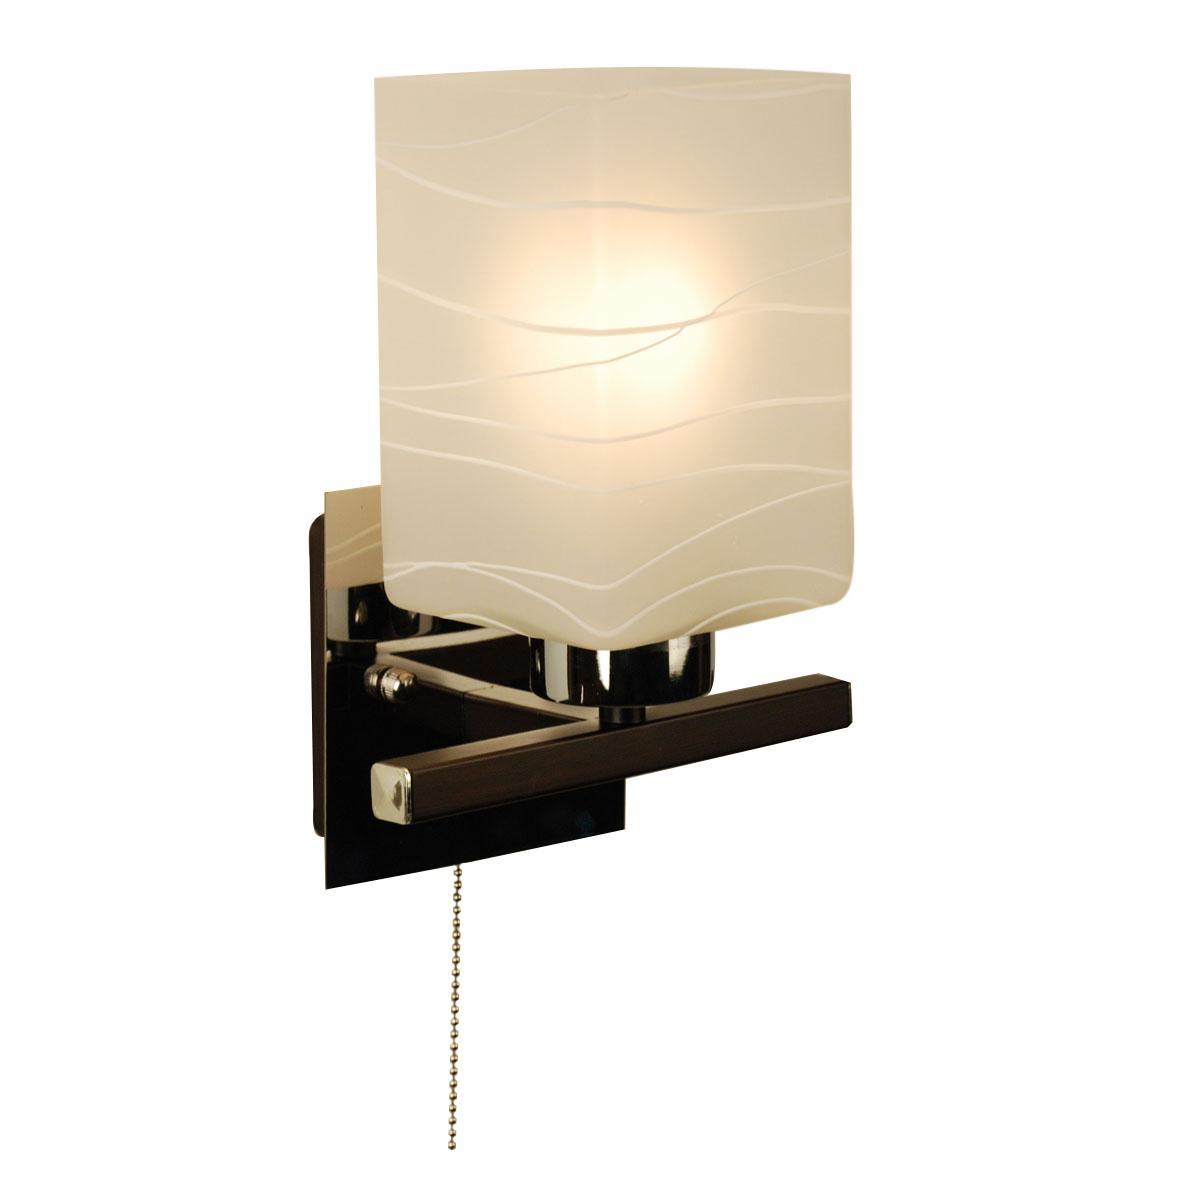 Бра CitiluxНастенные светильники и бра<br>Тип: бра, Назначение светильника: для комнаты, Стиль светильника: модерн, Материал светильника: металл, стекло, Тип лампы: накаливания, Количество ламп: 1, Мощность: 75, Патрон: Е27, Цвет арматуры: серебристый, Длина (мм): 140, Ширина: 180, Высота: 230, Диаметр: 180<br>